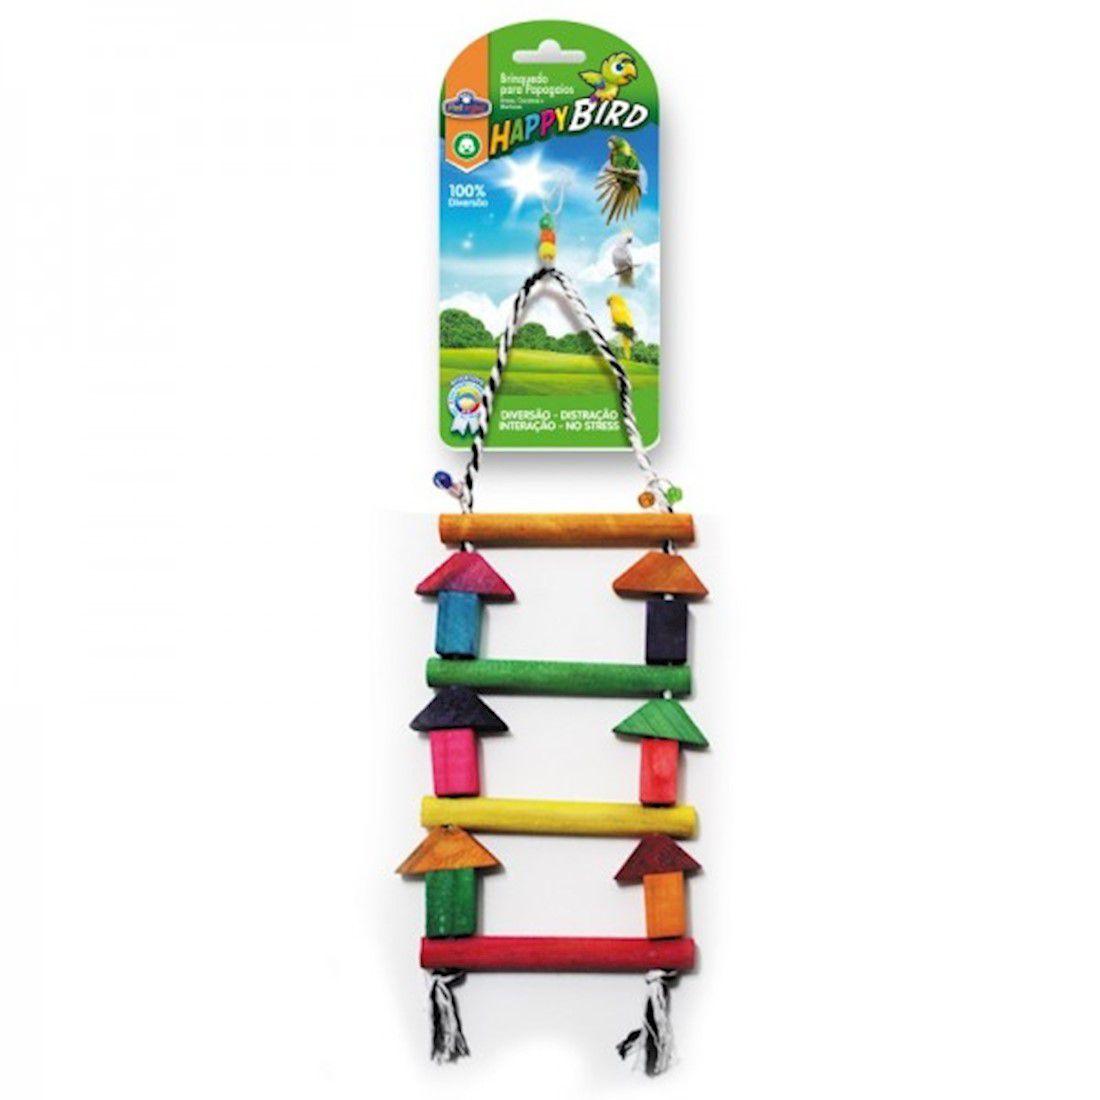 Brinquedo Happy Bird Escada Colorida 36cm para Papagaio